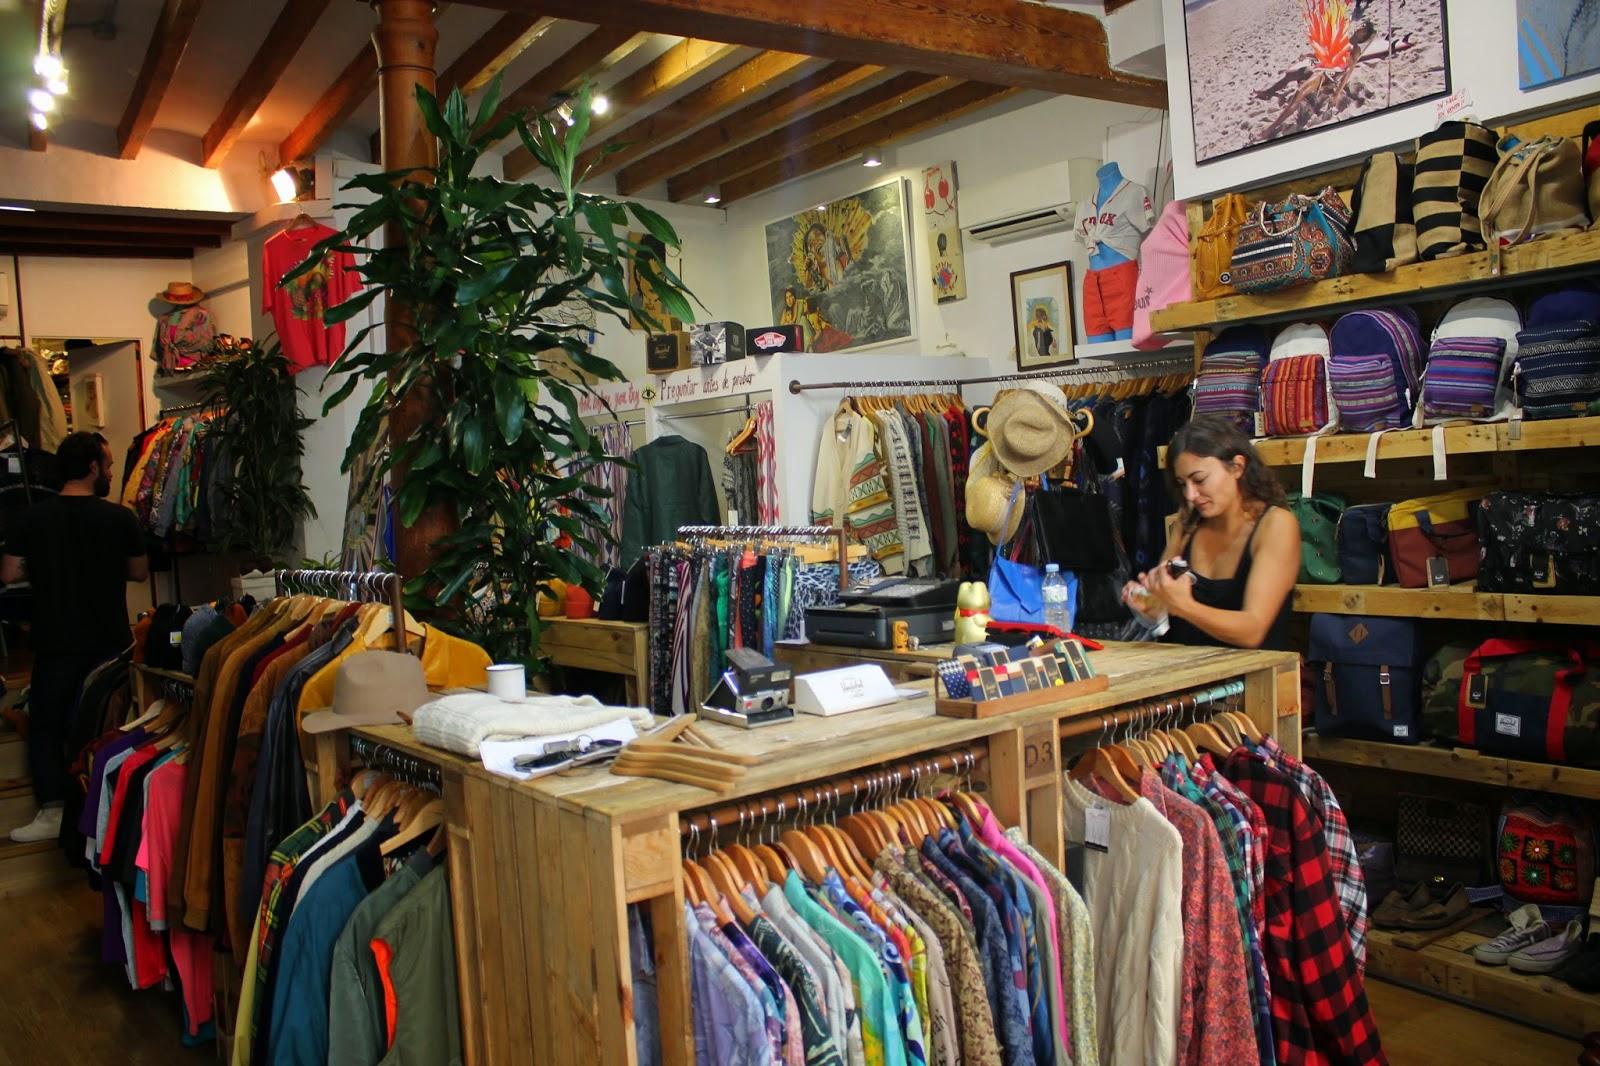 Comprar mobiliario para tienda de ropa segunda mano - Mercadillo de segunda mano barcelona ...